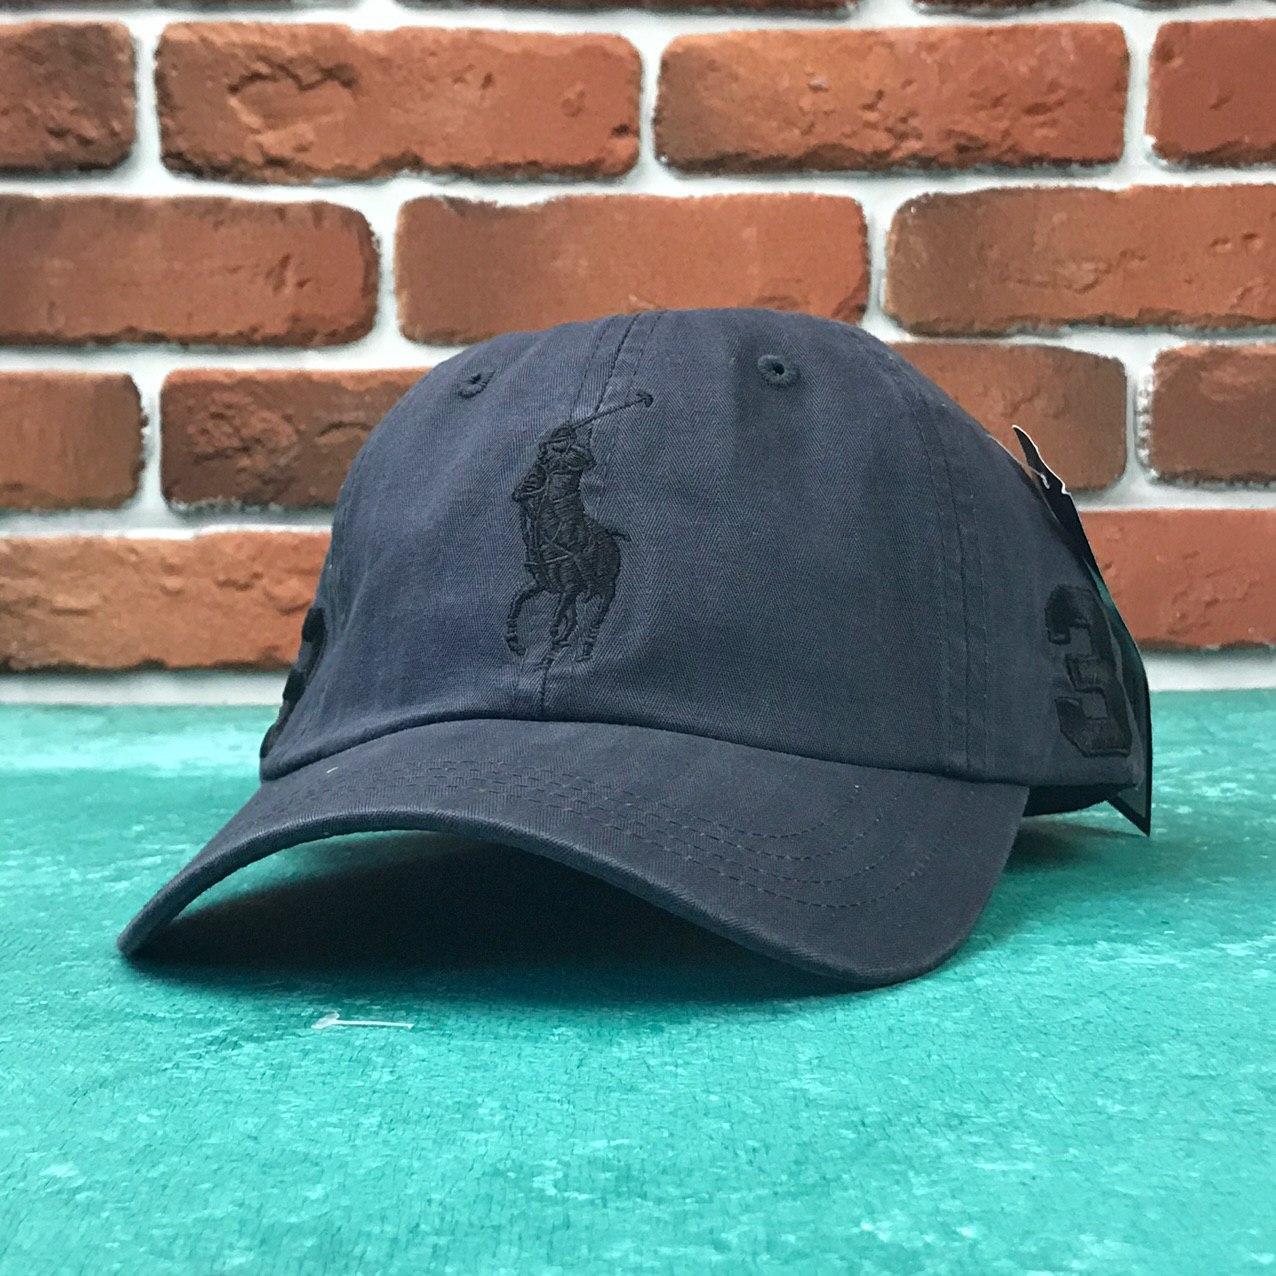 Кепка Бейсболка Мужская Женская Polo Ralph Lauren 3 с тканевым ремешком Темно-Синяя с Черным лого